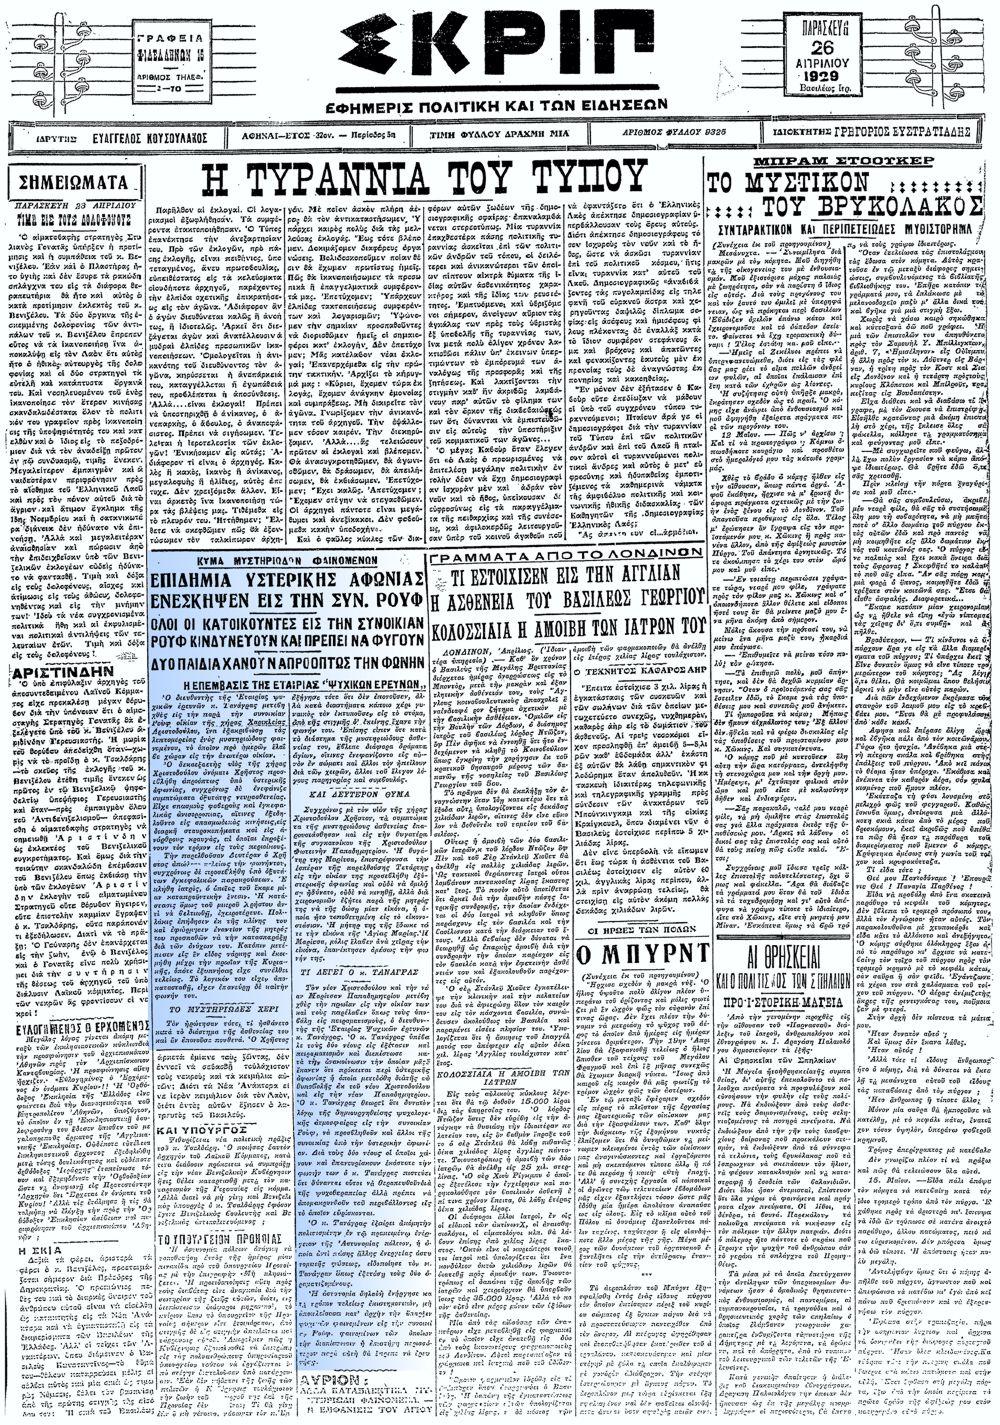 """Το άρθρο, όπως δημοσιεύθηκε στην εφημερίδα """"ΣΚΡΙΠ"""", στις 26/04/1929"""